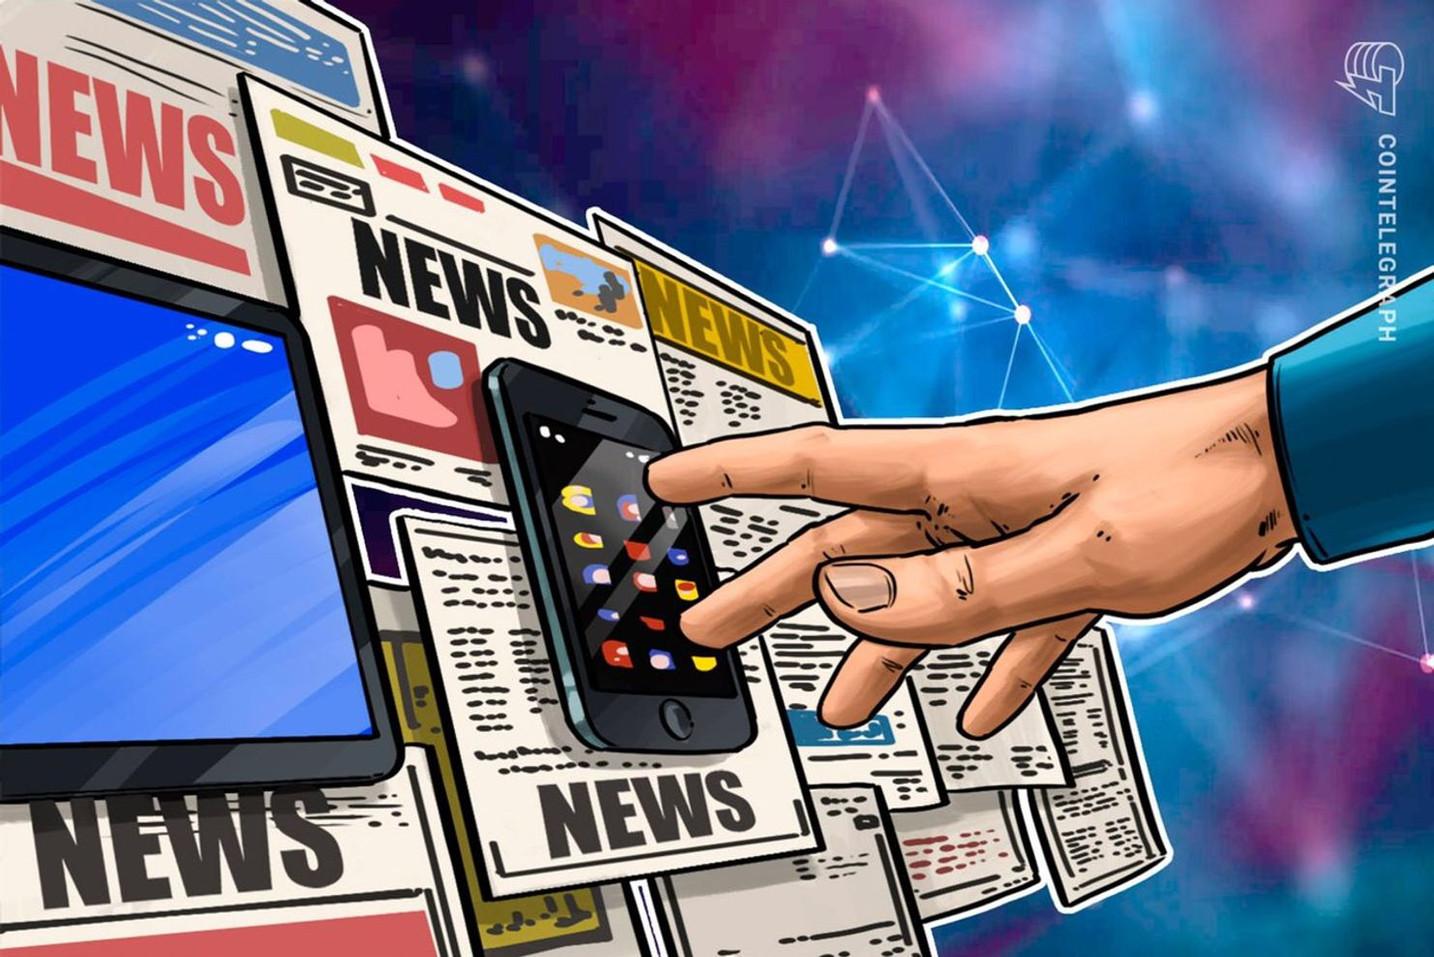 ビットコインは復活するか?分析・予想記事の1週間 今週の仮想通貨・ブロックチェーンニュースサマリー(5月20日~24日)